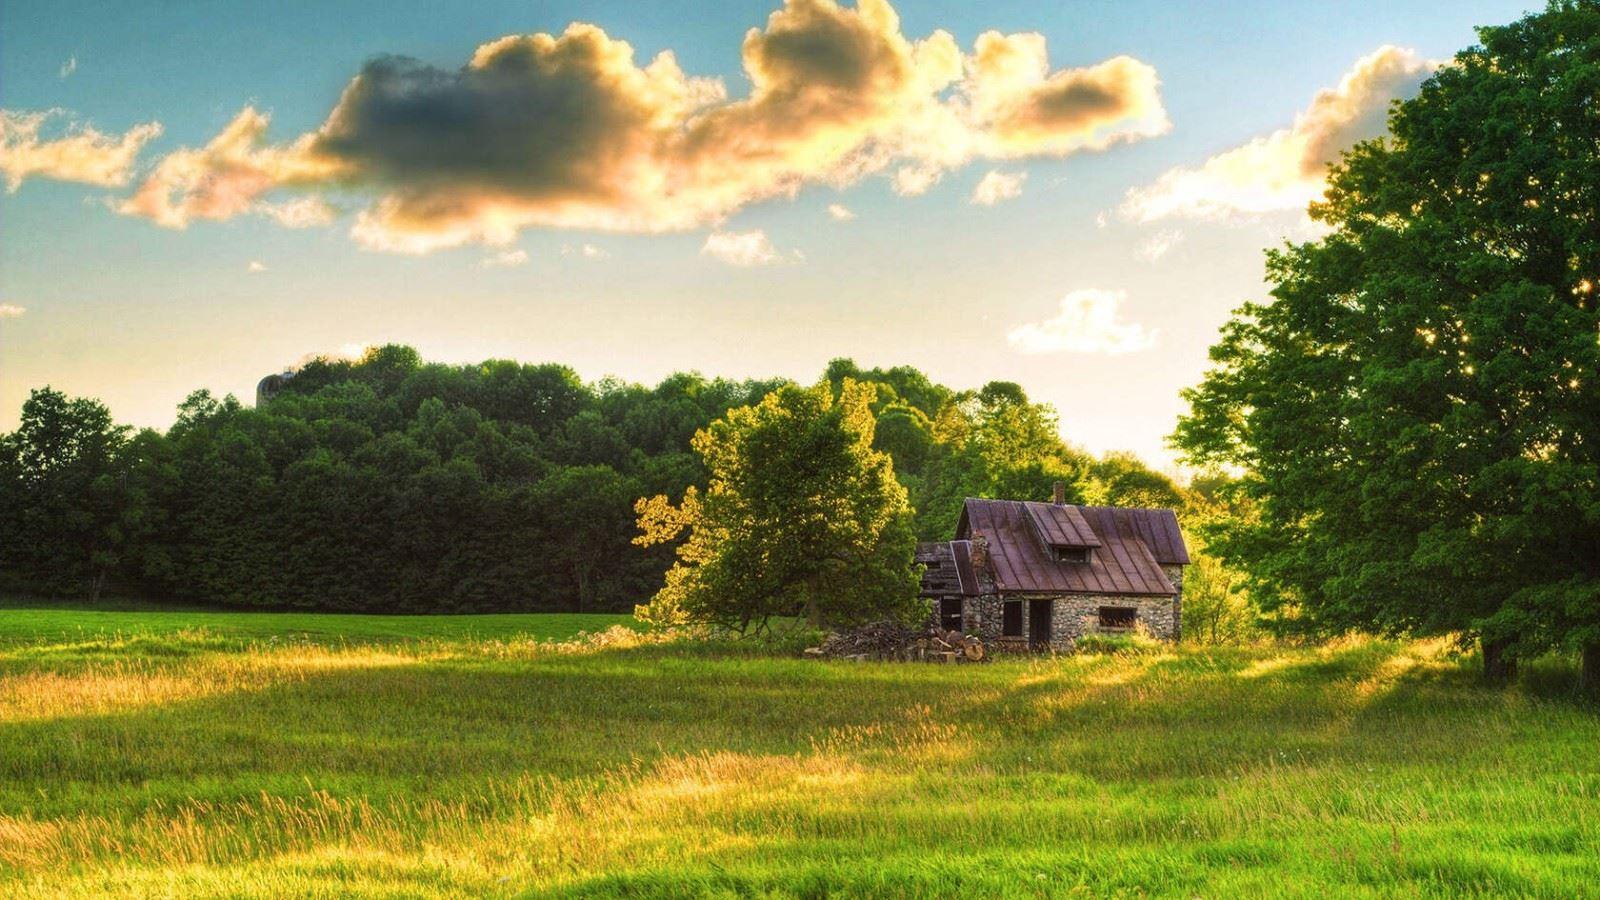 小树林一角小木屋唯美森